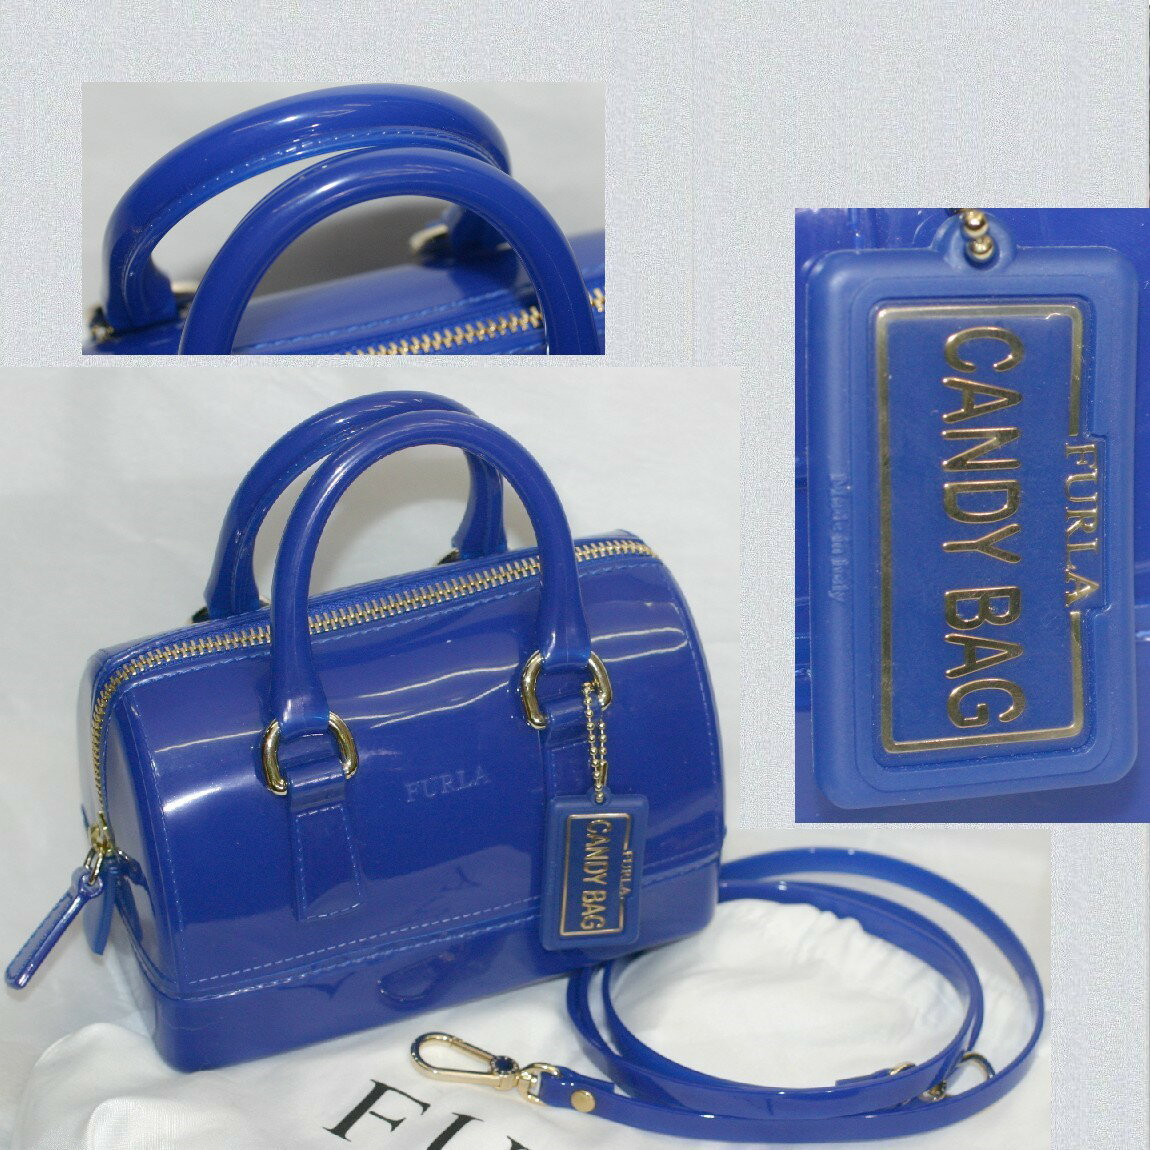 【中古】本物新品同様フルラ女性用群青色【濃い青】CANDY BAGキャンディバッグ16,5x11x8,5cm斜め掛け可能ショルダーストラップ付き